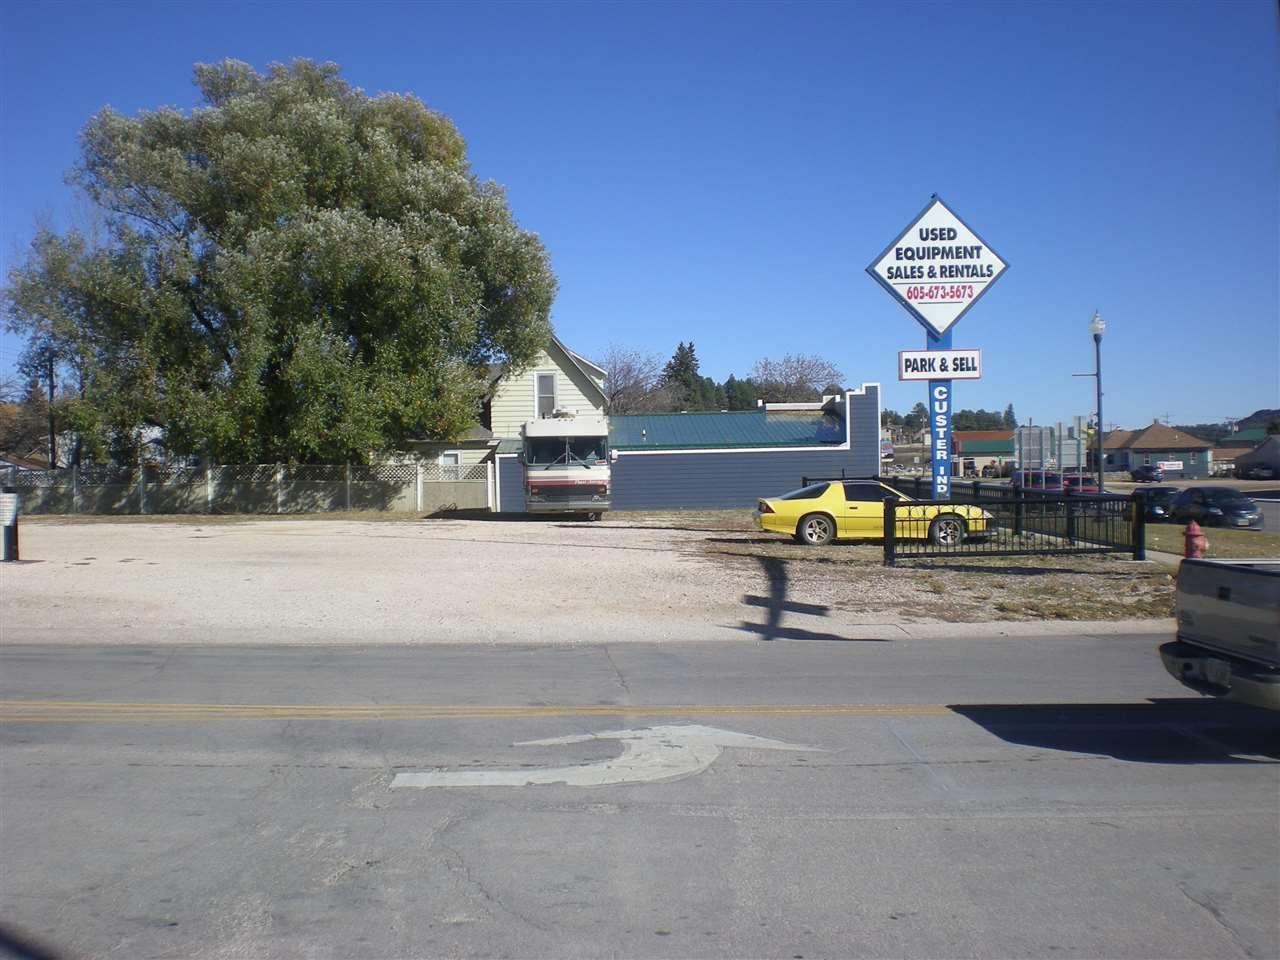 Lot 1/2 Mt. Rushmore Road